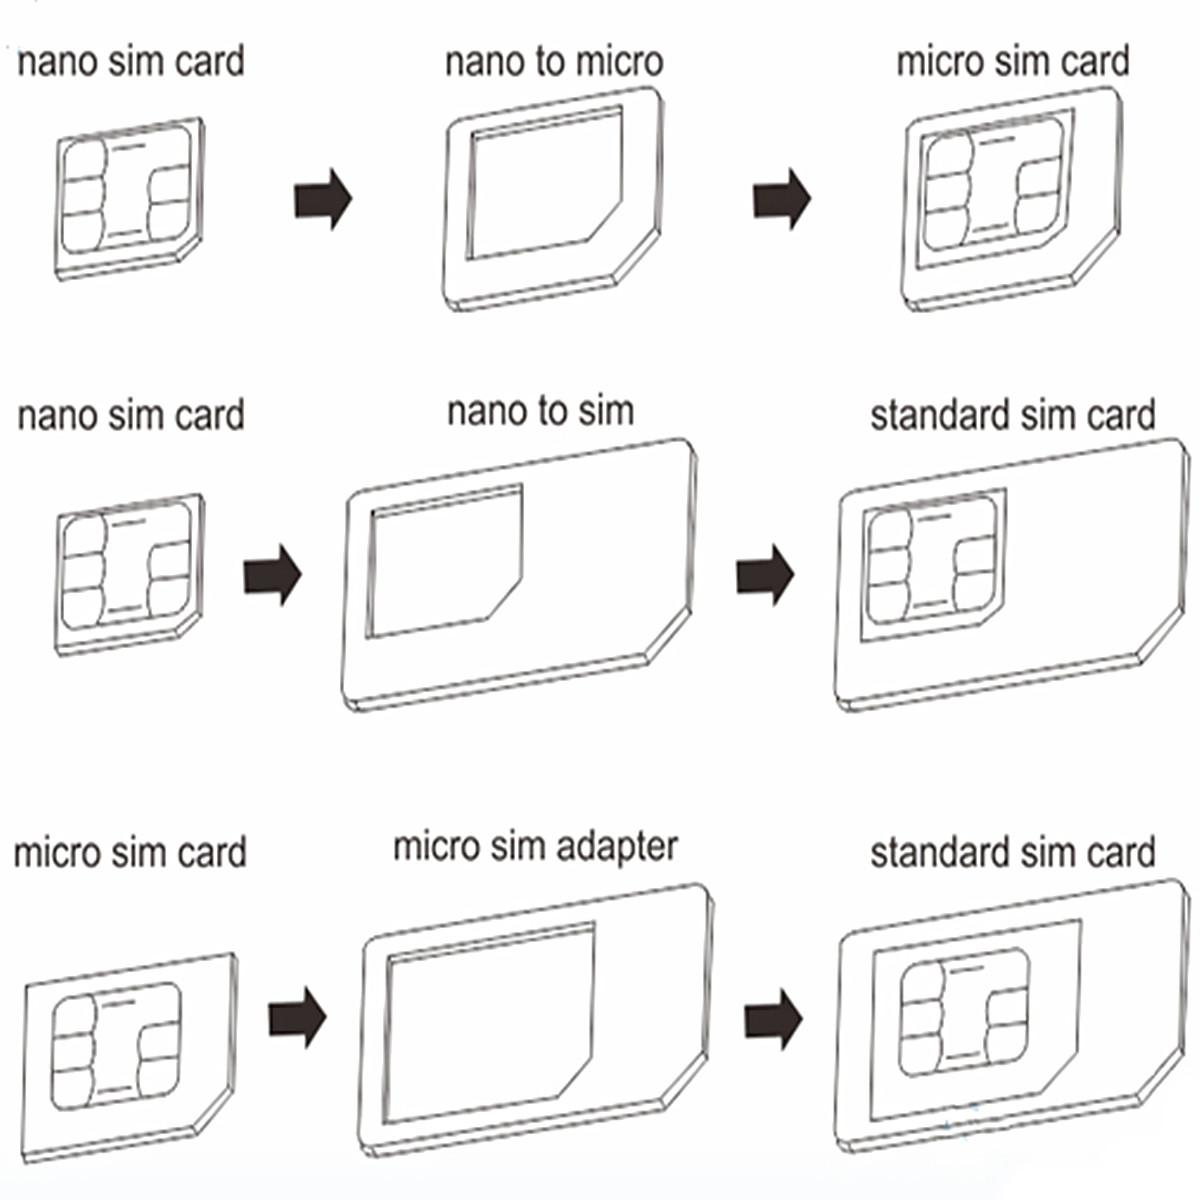 Как из нано сим карты сделать микро сим